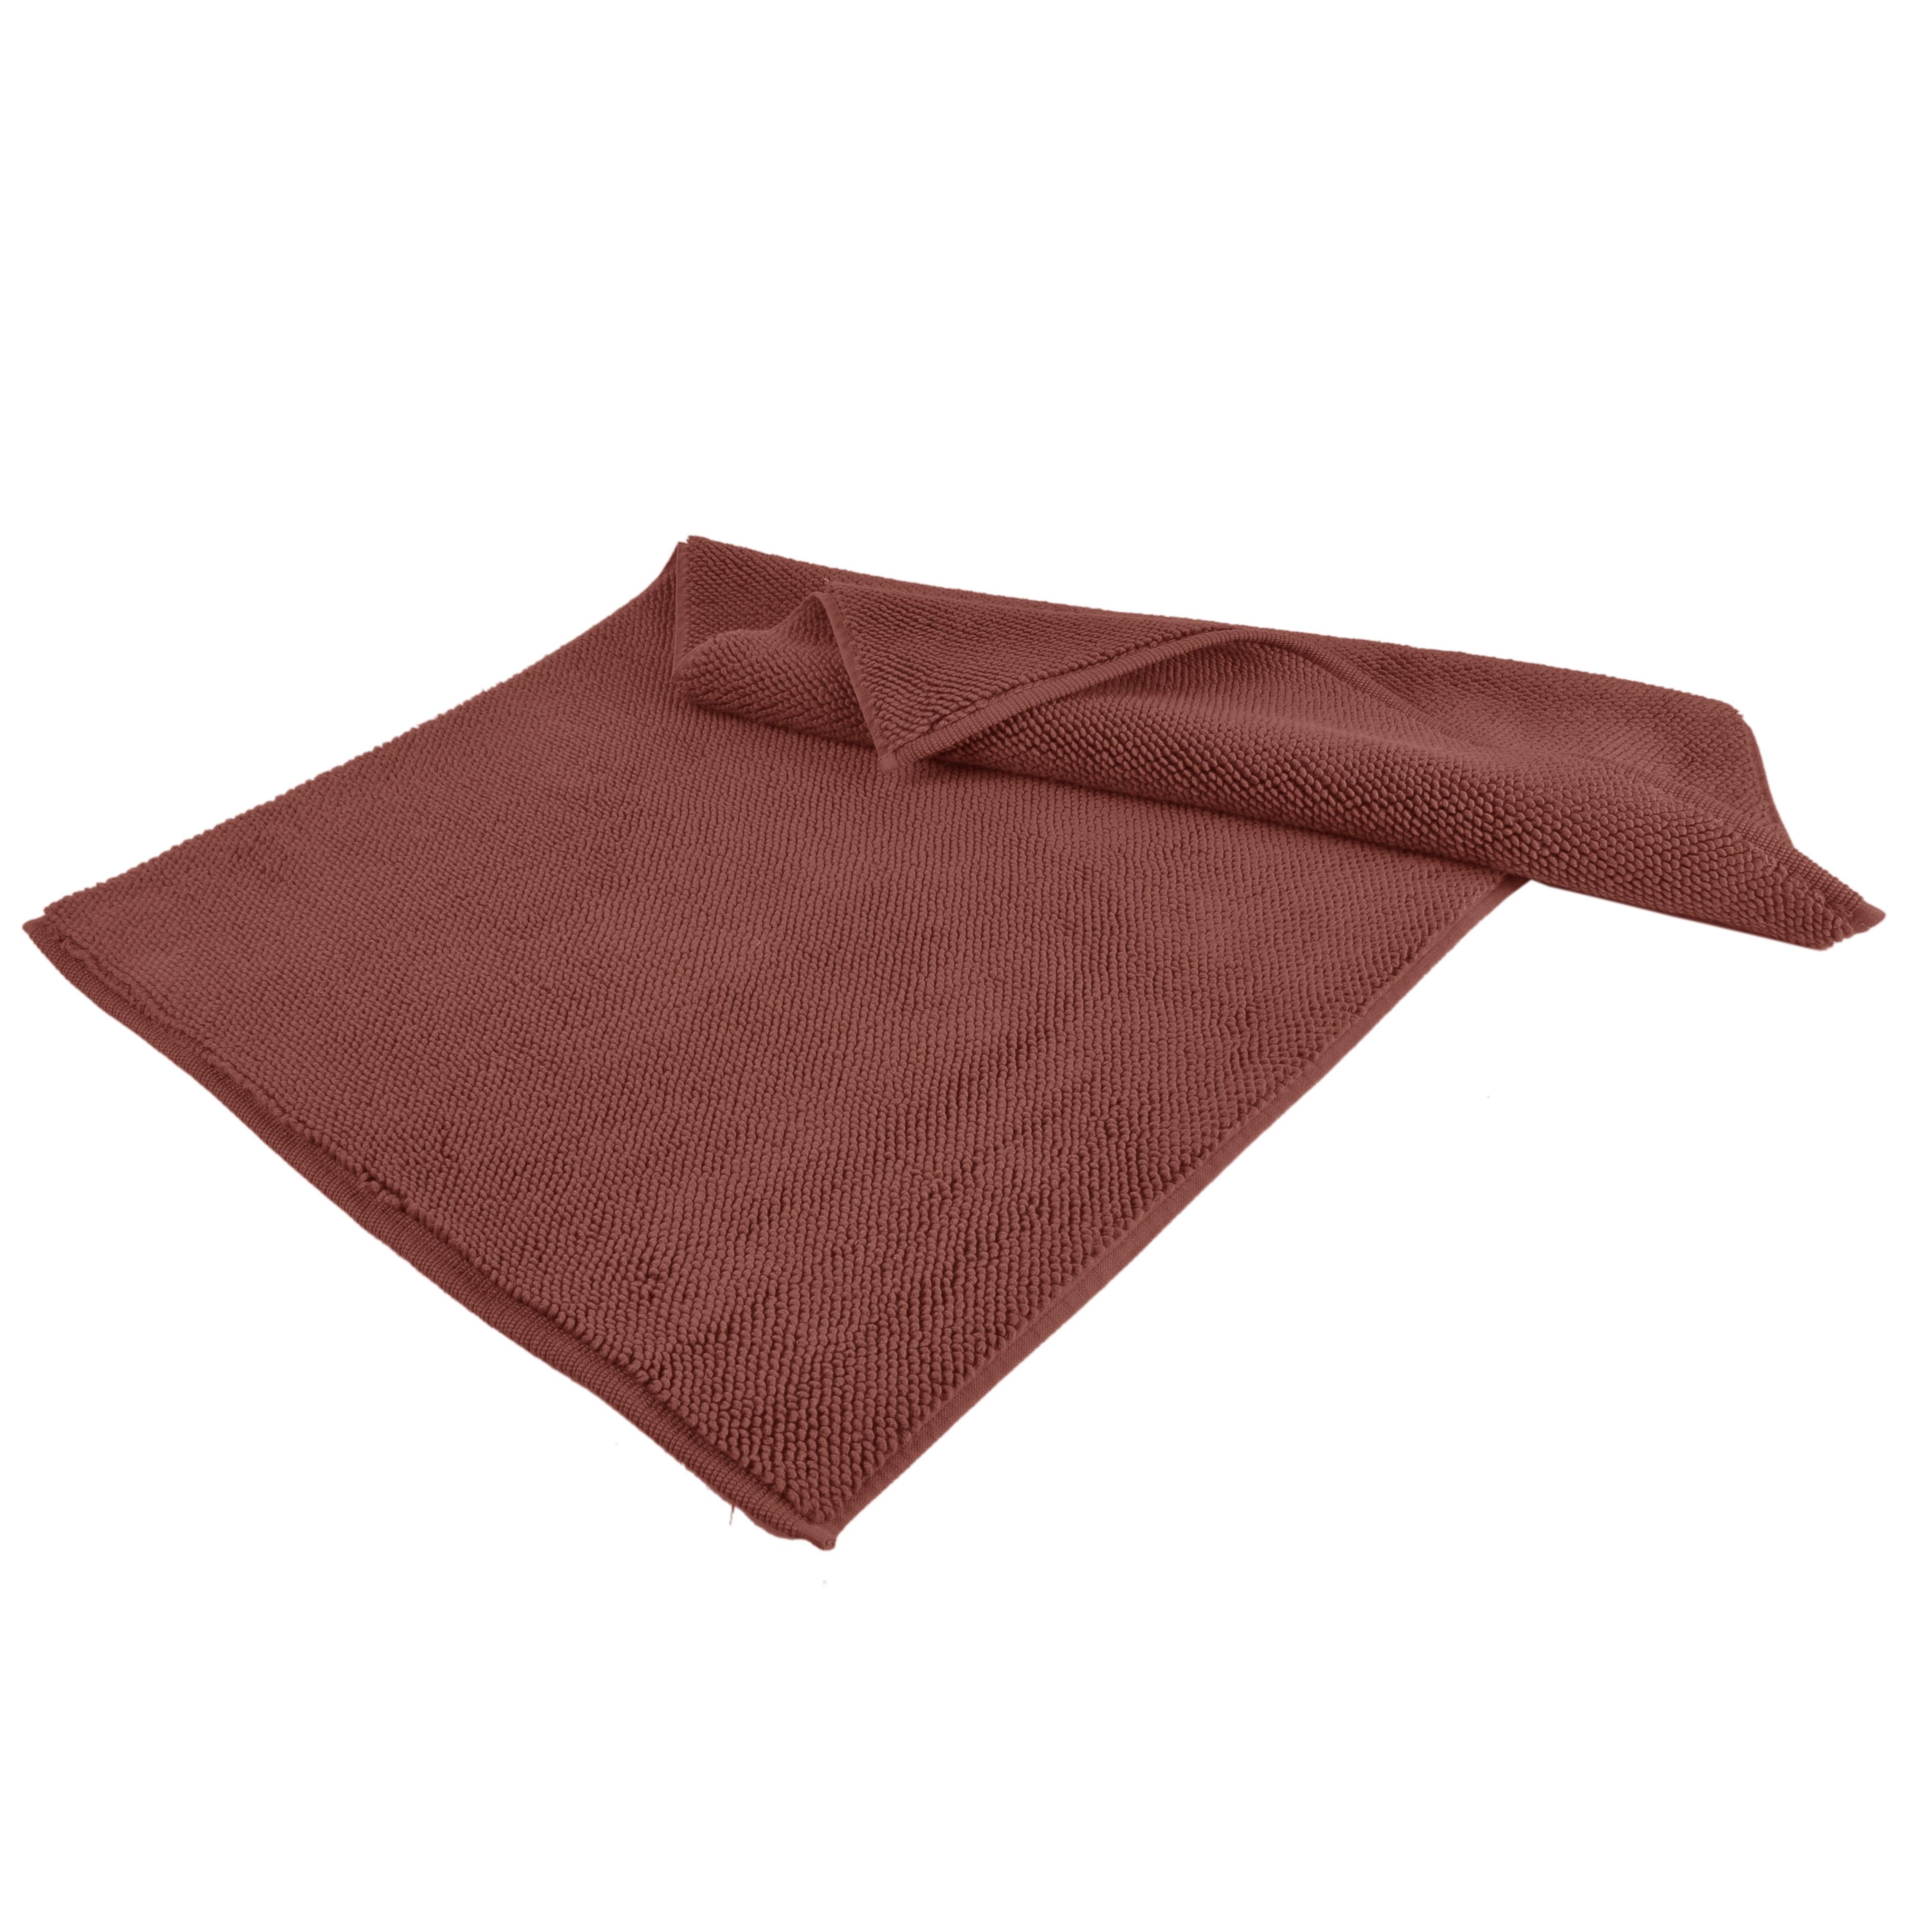 Коврики для ванной и туалета HAMAM ham436233